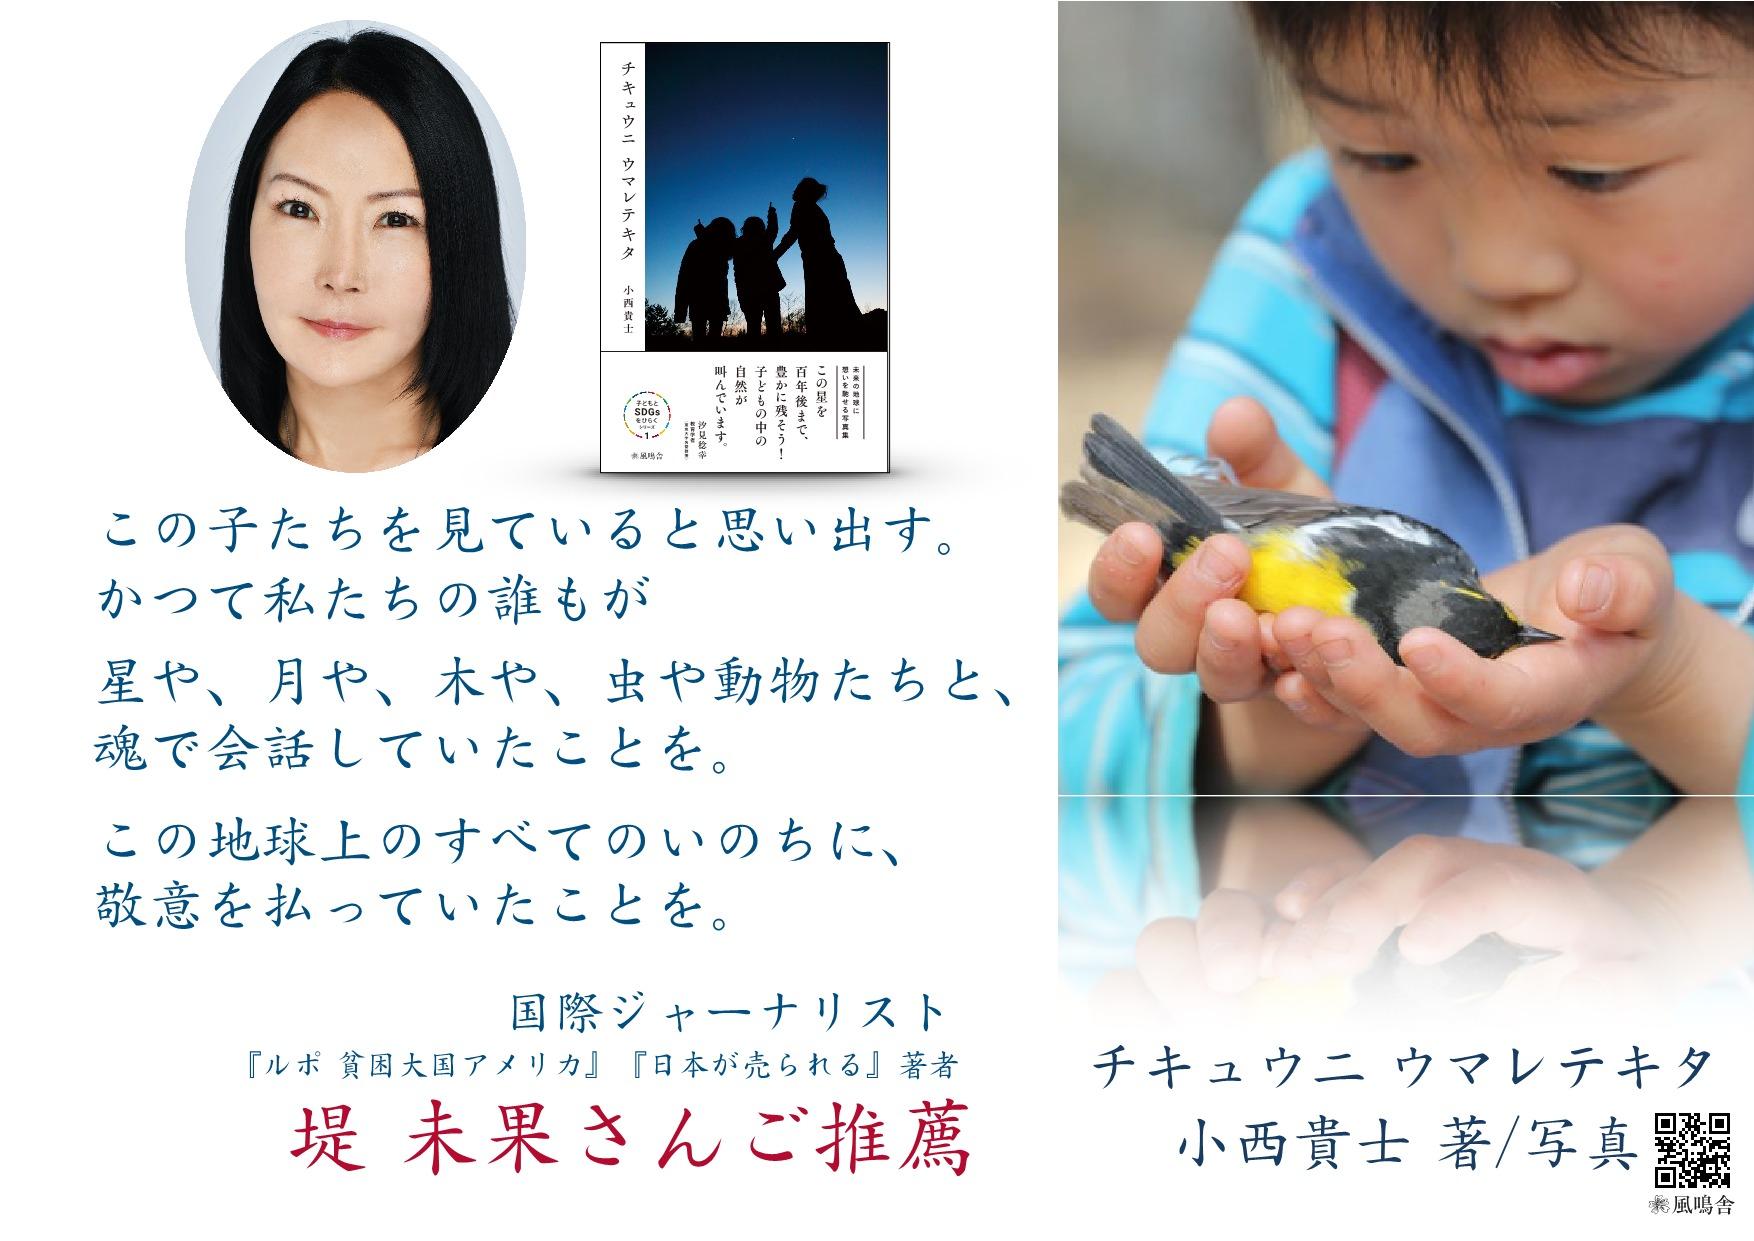 チキュウ二ウマレテキタ_堤未果様 推薦文